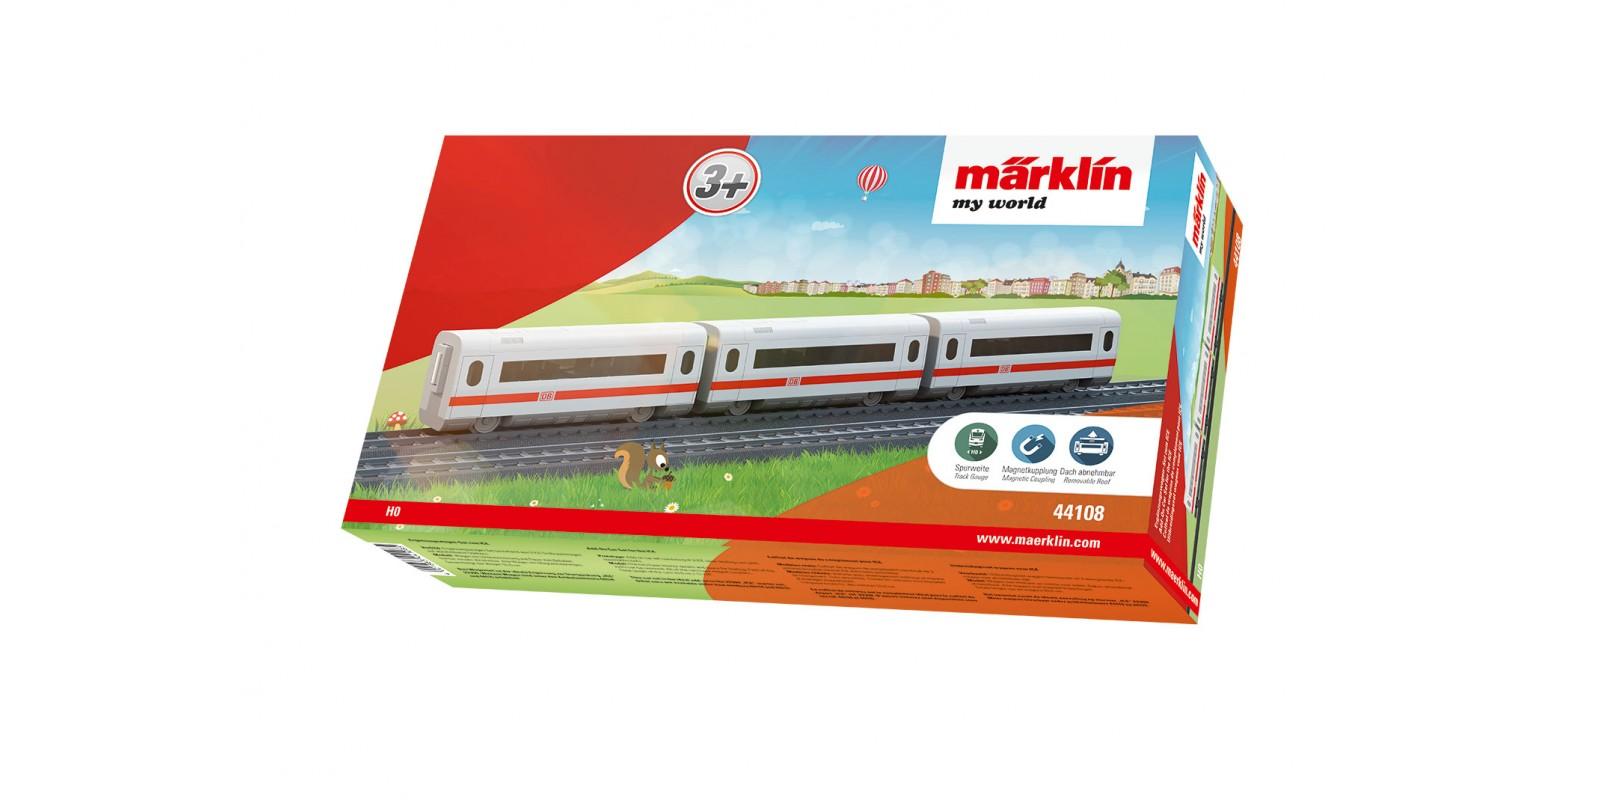 44108 Märklin my world - Add-On Car Set for the ICE